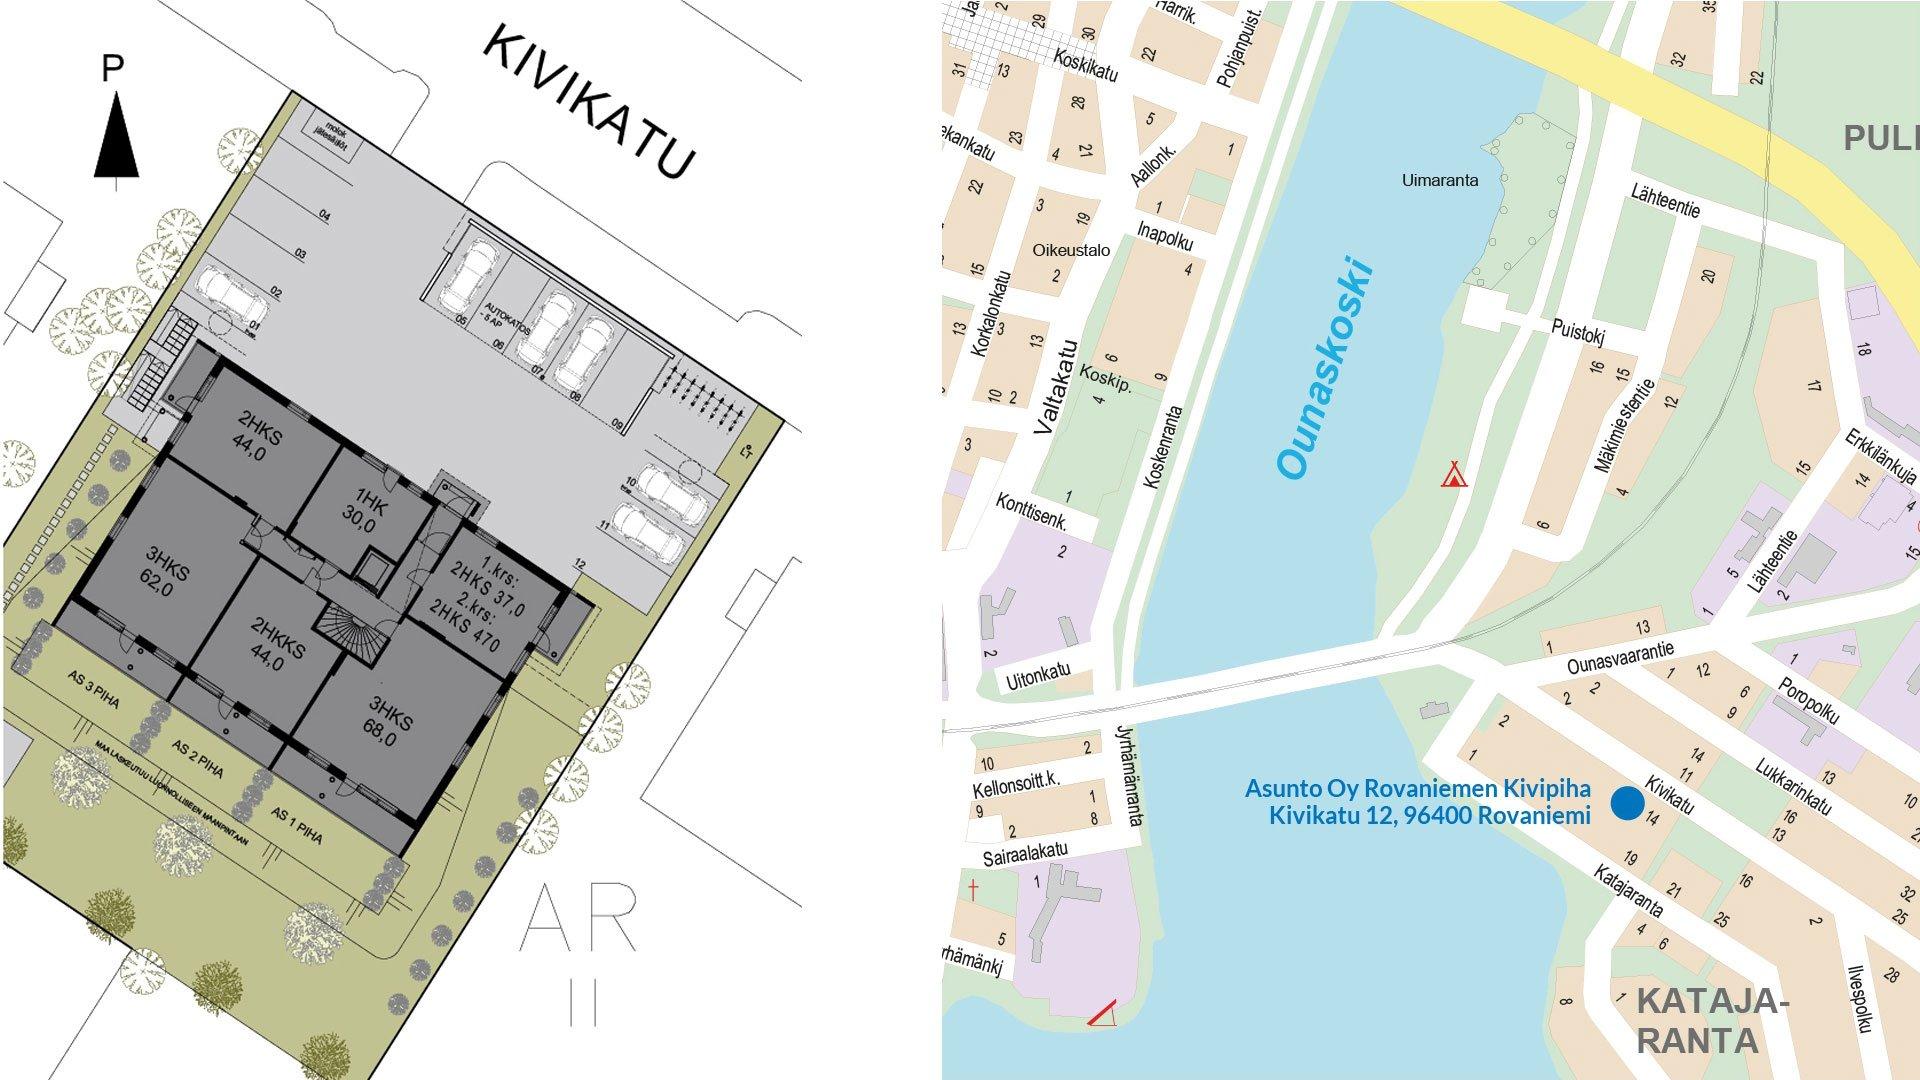 Asunto Oy Rovaniemen Kivipiha Valmistui Rovalappi